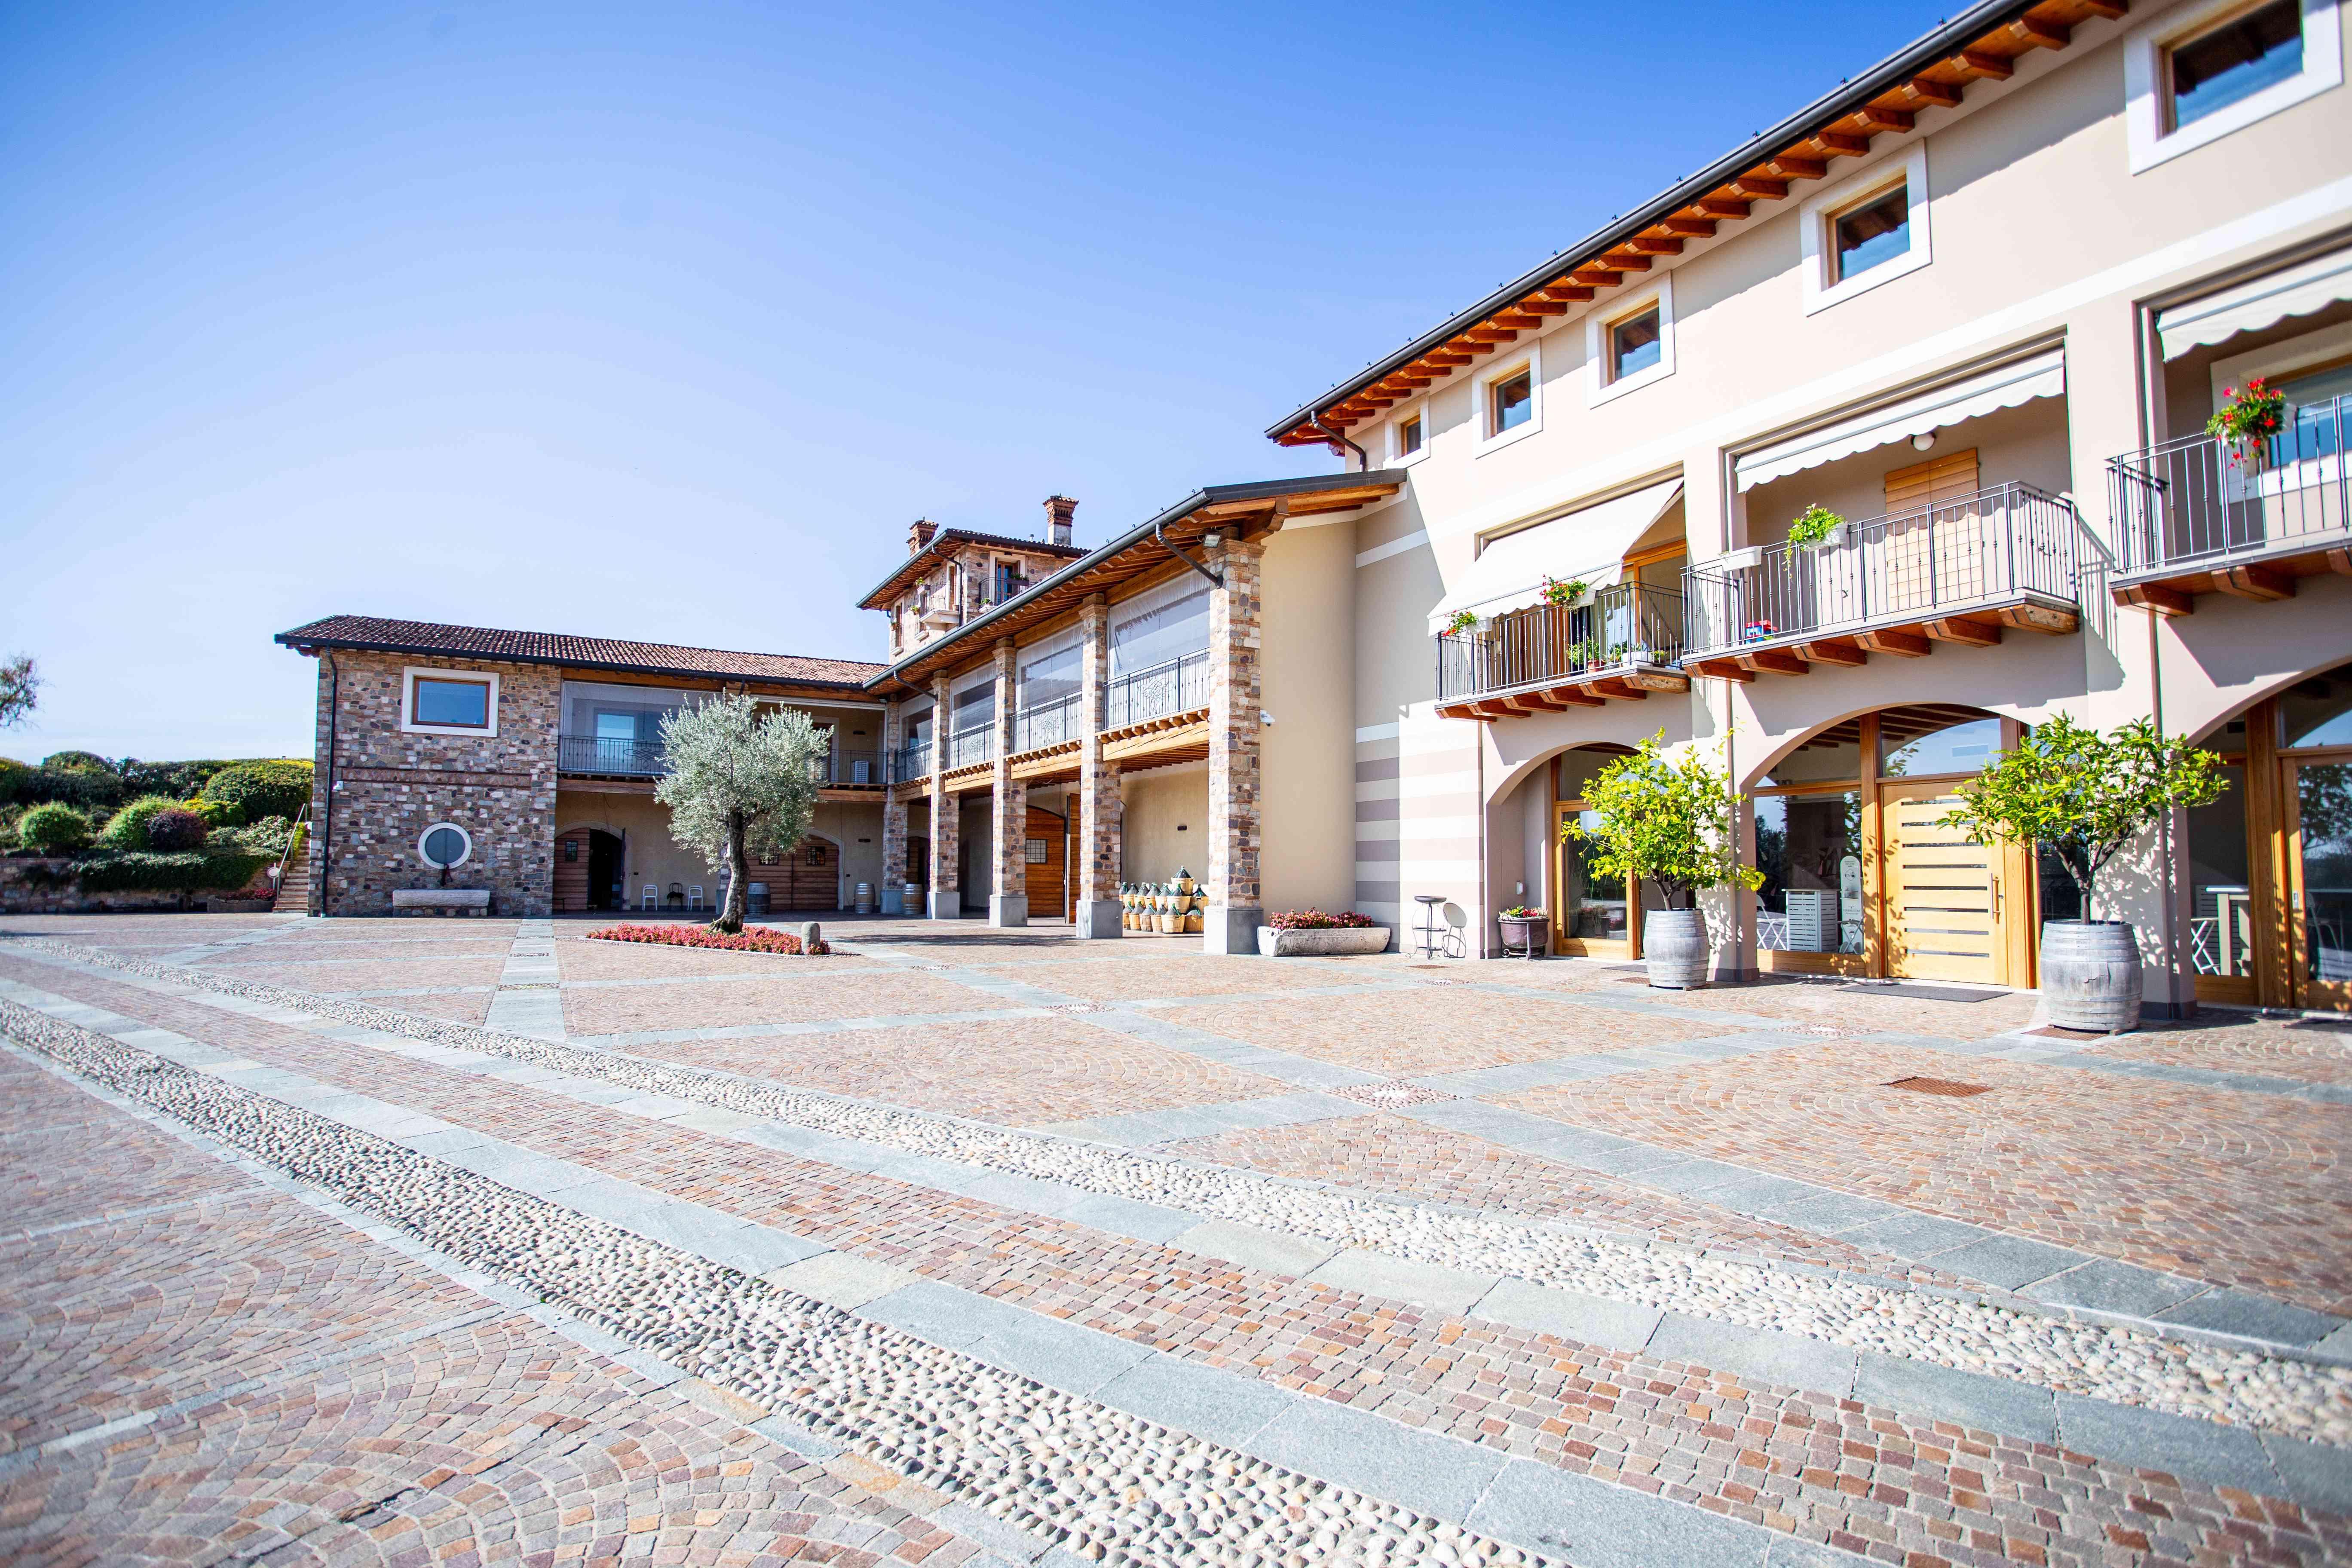 Ferghettina Winery in Franciacorta, Italy